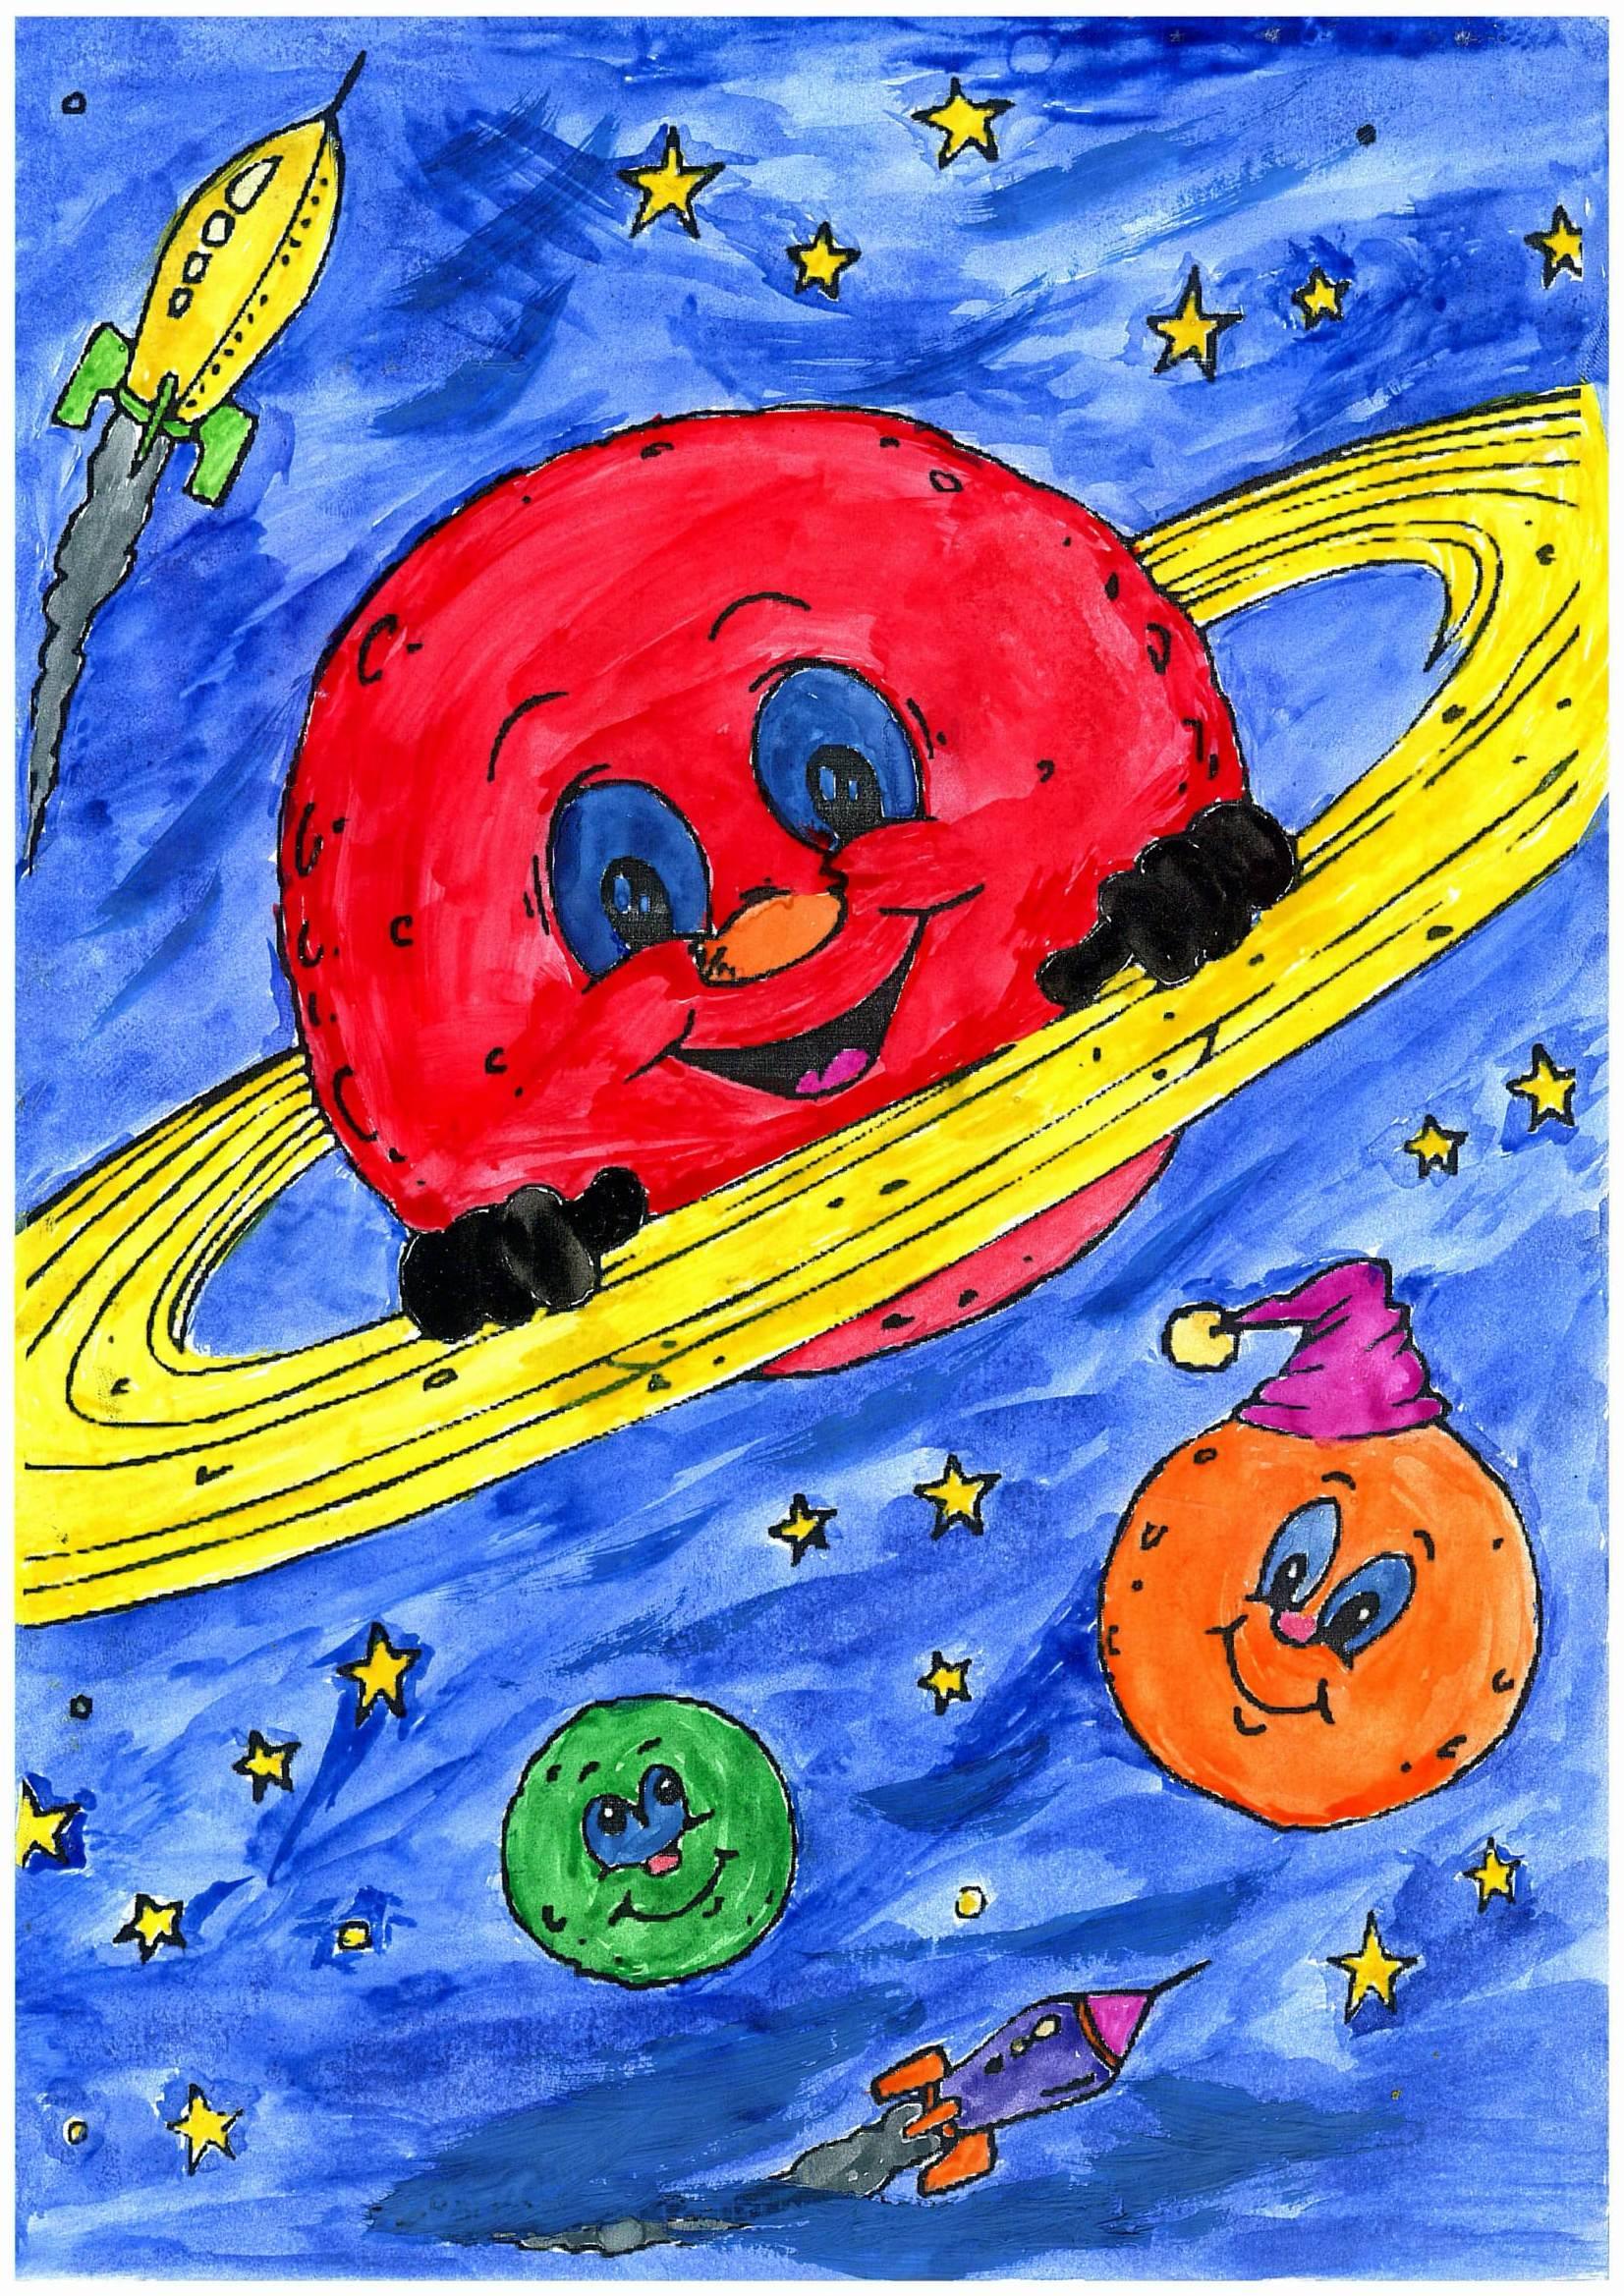 Поделки на тему космос - конкурс к Дню космонавтики 2018 38